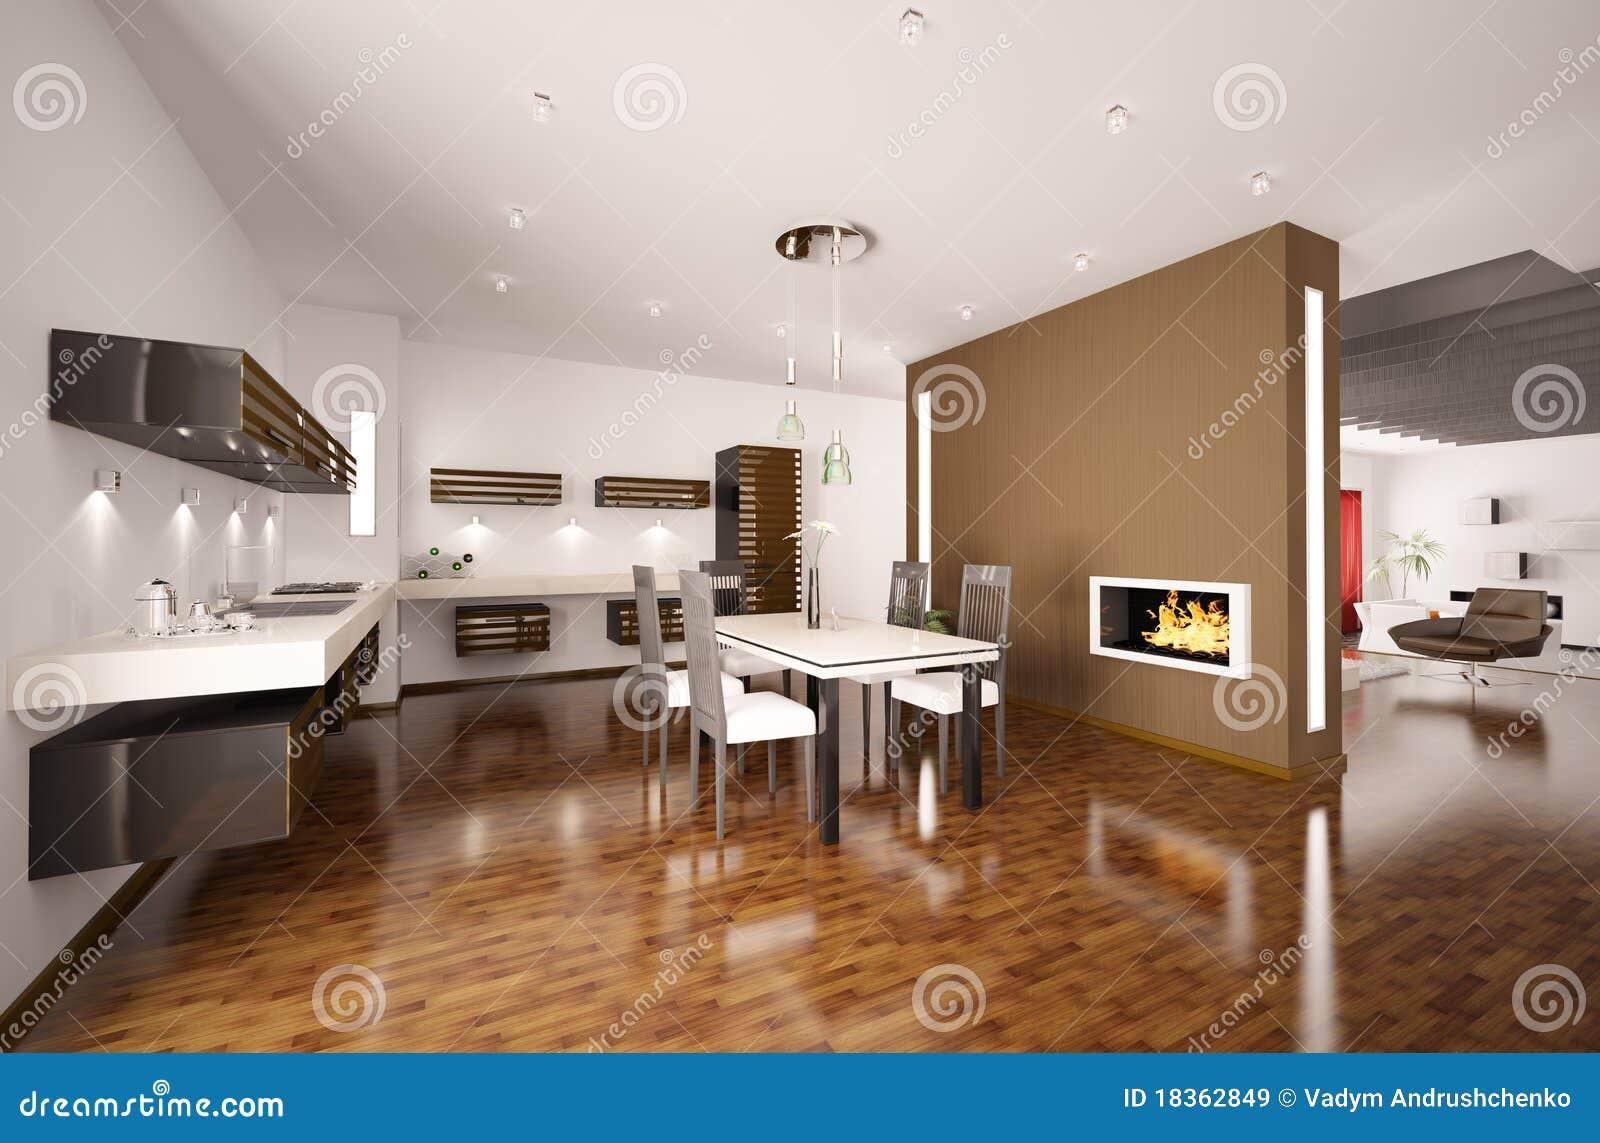 A Cozinha Moderna Com Chamin 3d Rende Ilustra O Stock Ilustra O